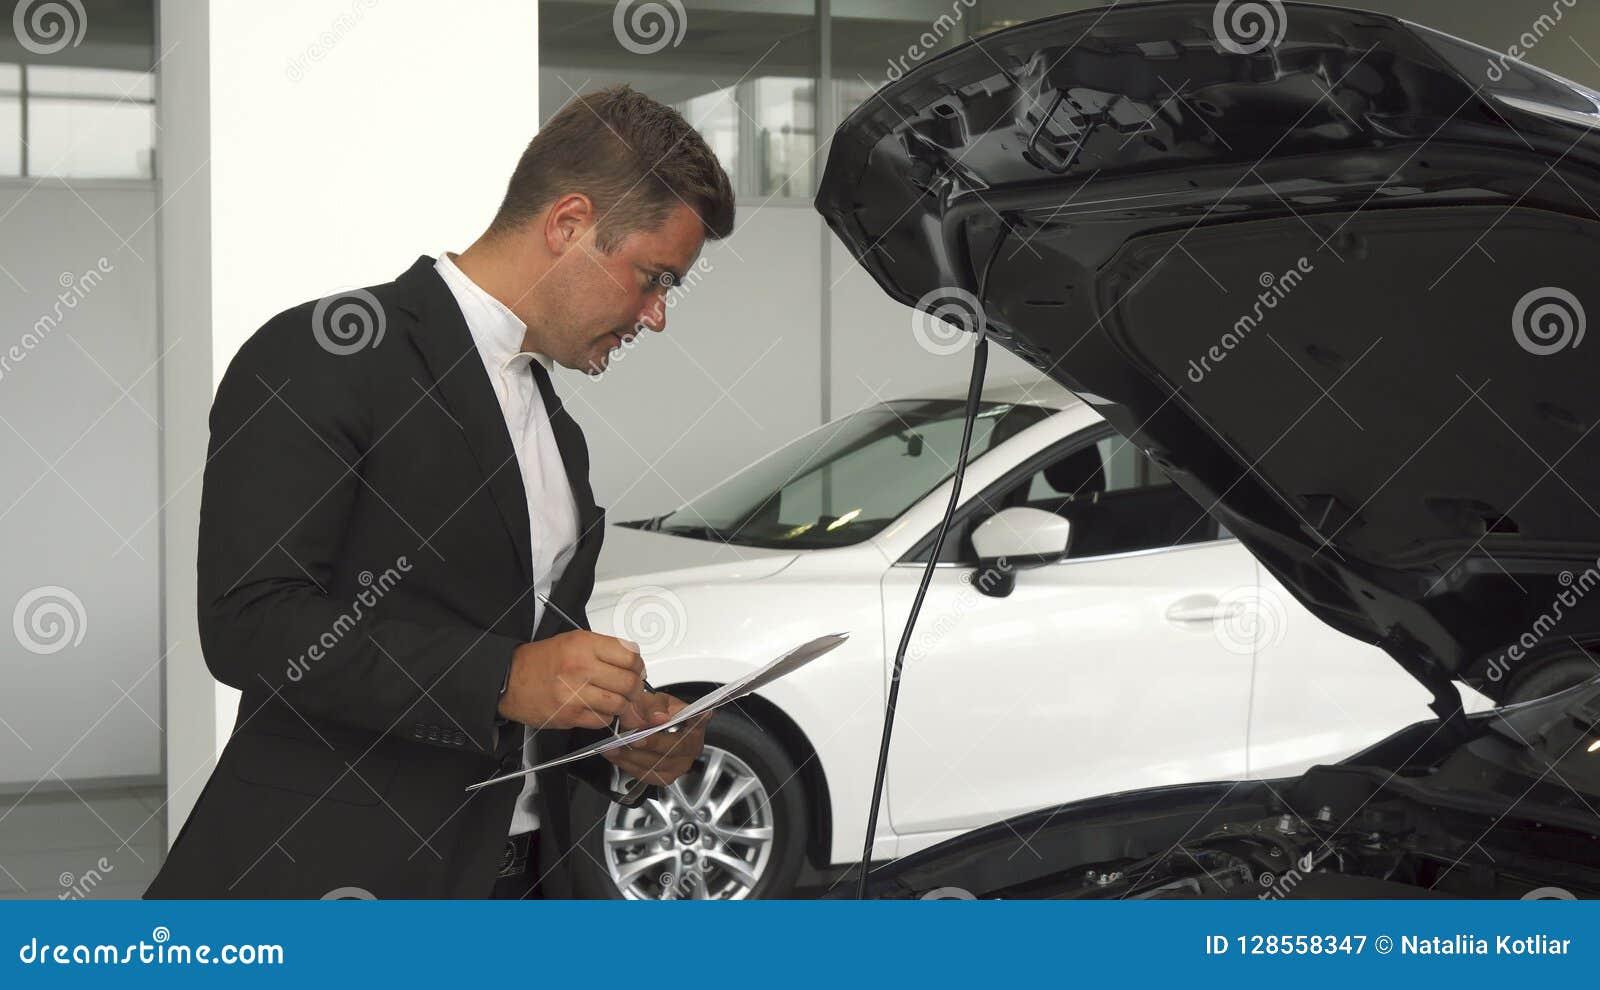 Ένας σοβαρός έμπορος αυτοκινήτων περιγράφει στα έγγραφα τις λεπτομέρειες του αυτοκινήτου